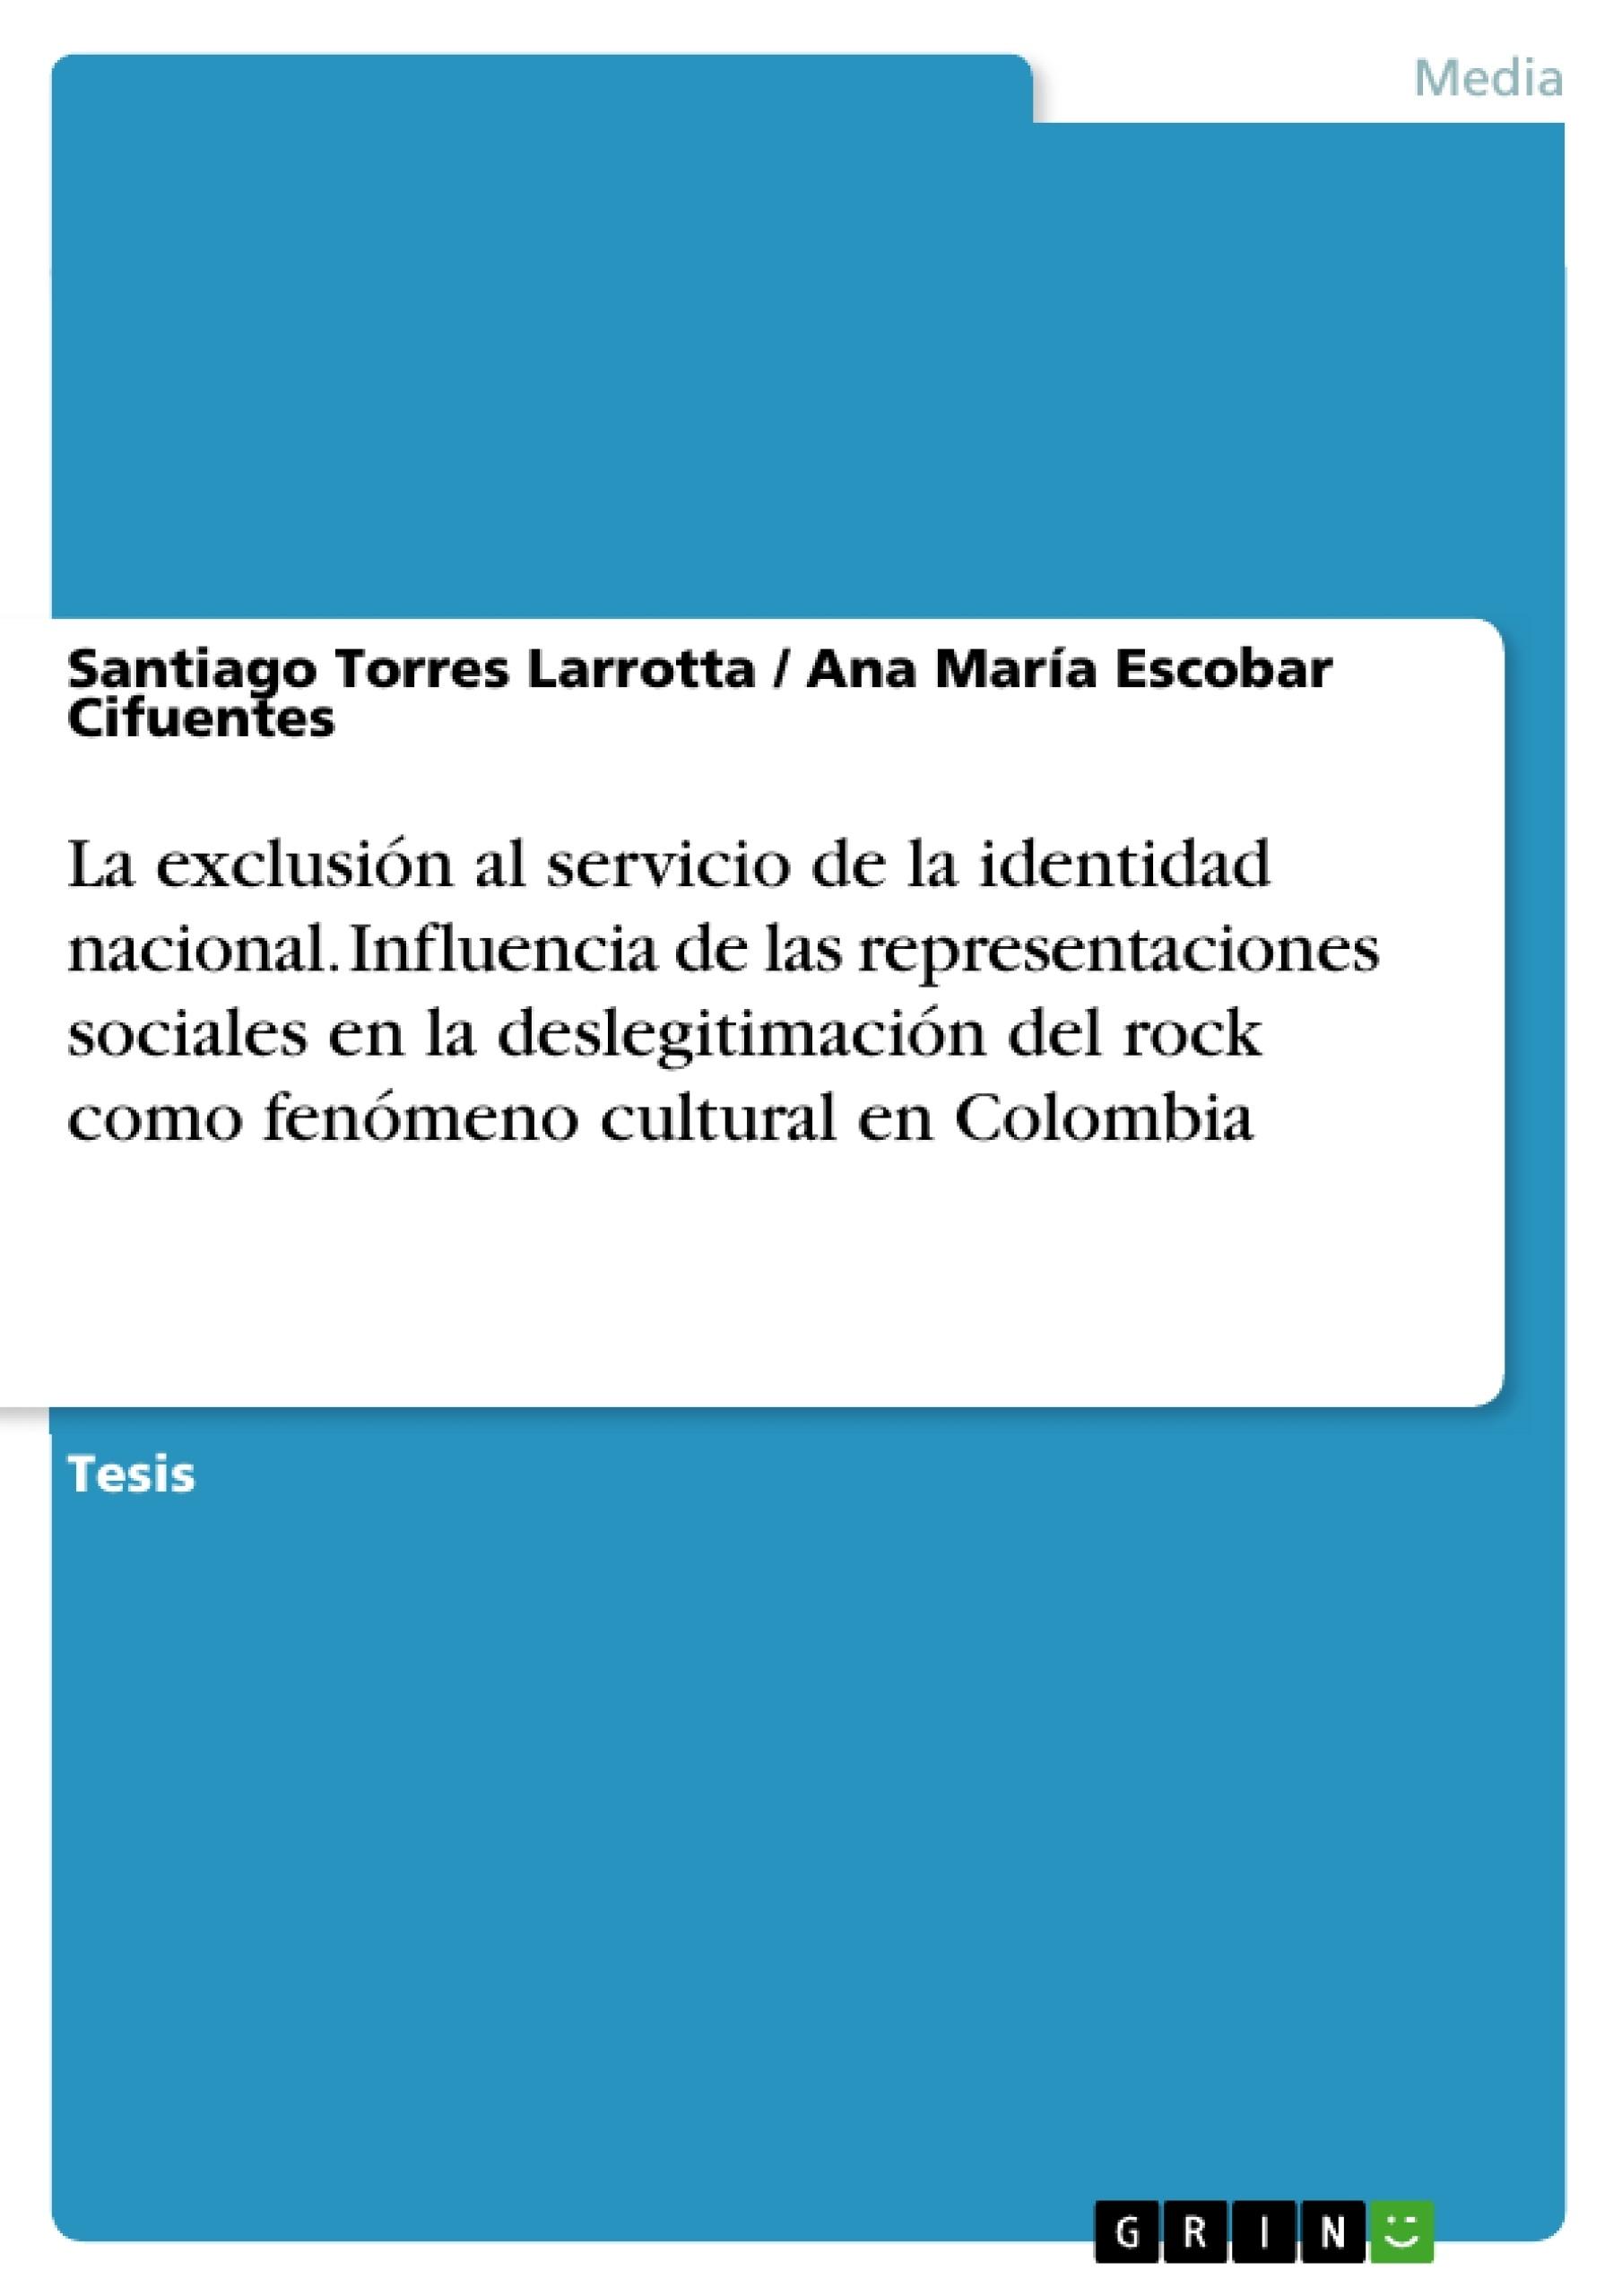 Título: La exclusión al servicio de la identidad nacional. Influencia de las representaciones sociales en la deslegitimación del rock como fenómeno cultural en Colombia